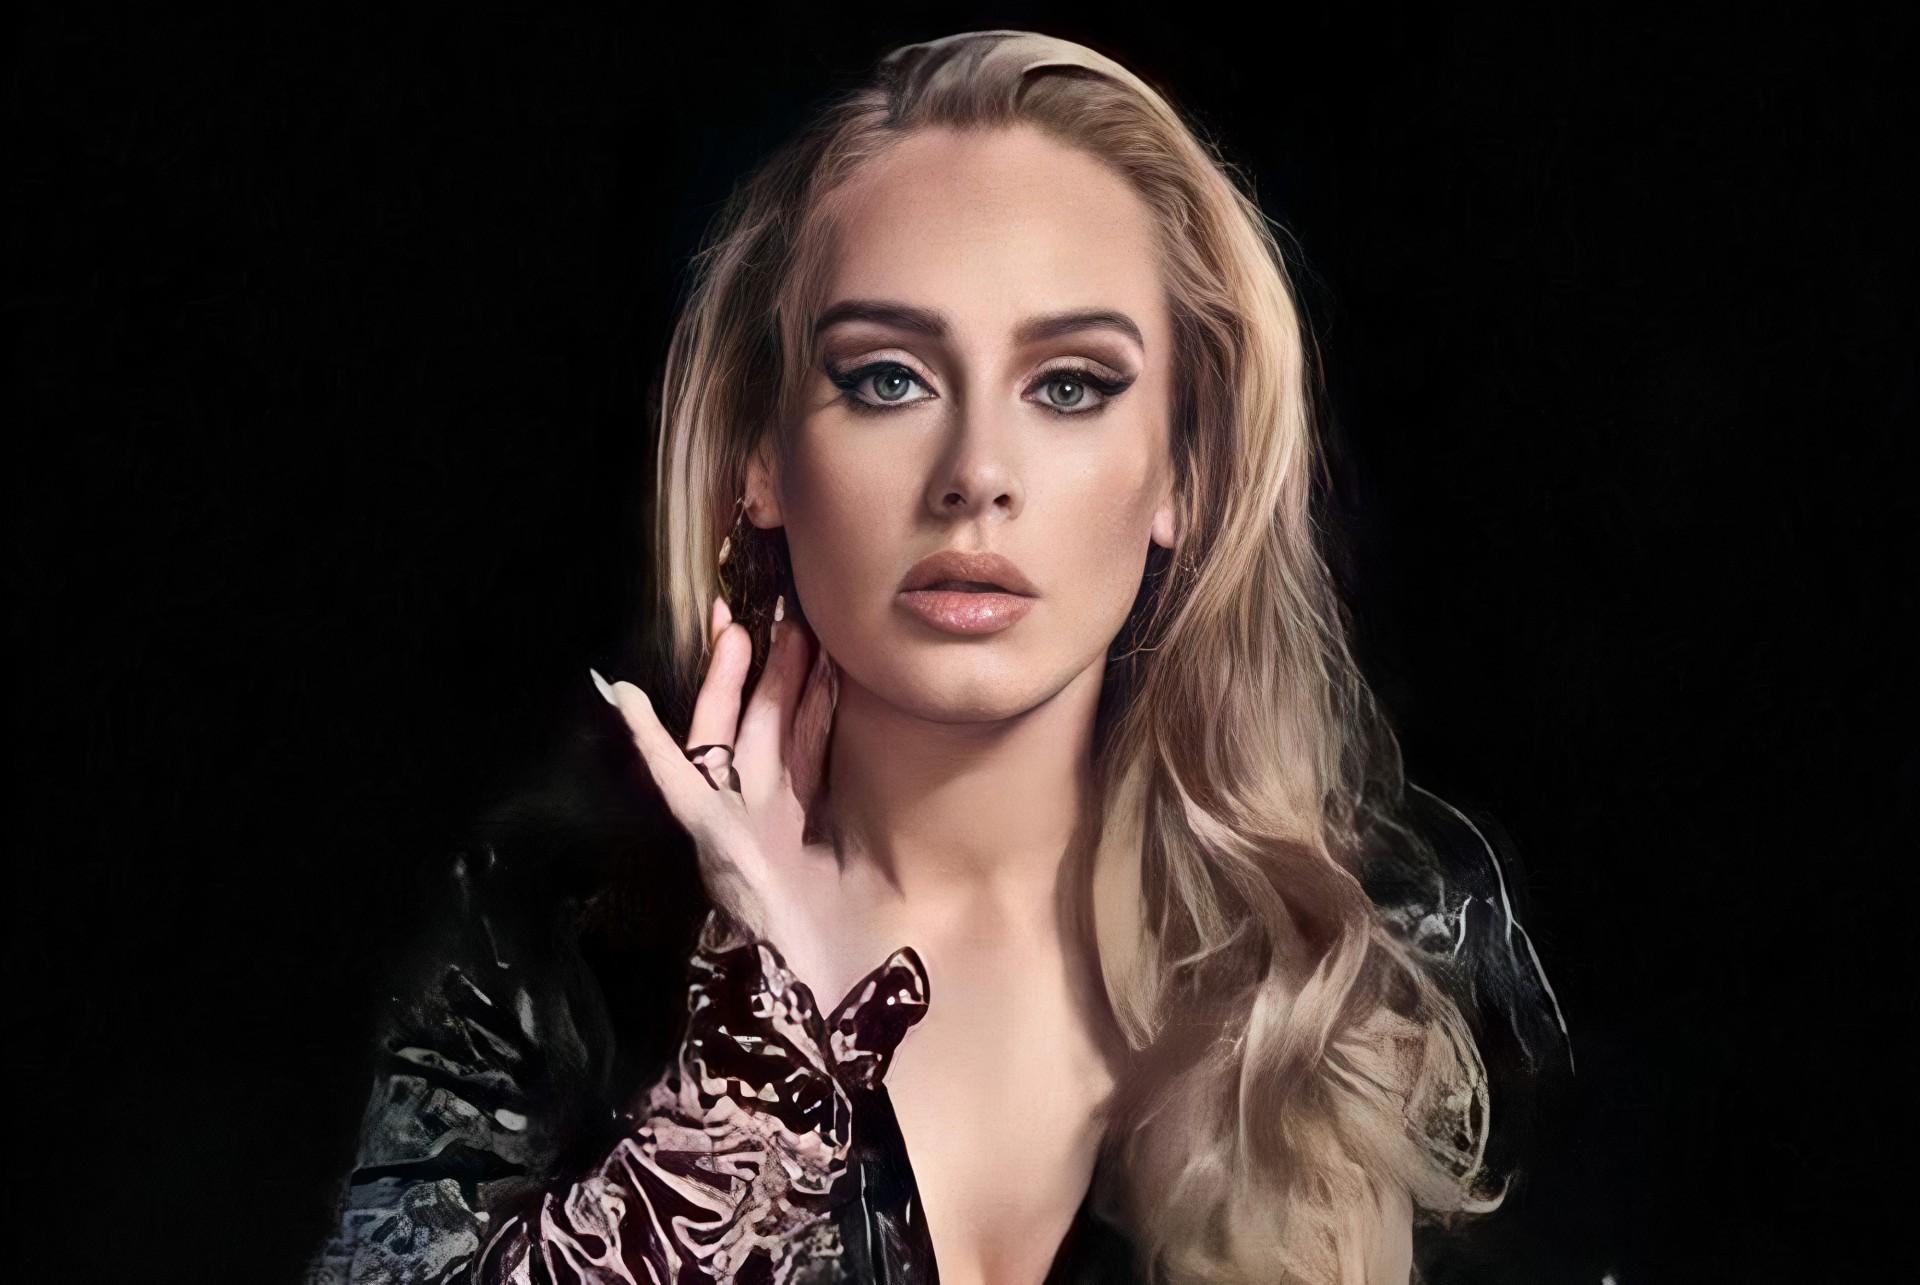 O compositor brasileiro Toninho Geraes entra com um processo contra Adele por plágio (Foto: Divulgação)